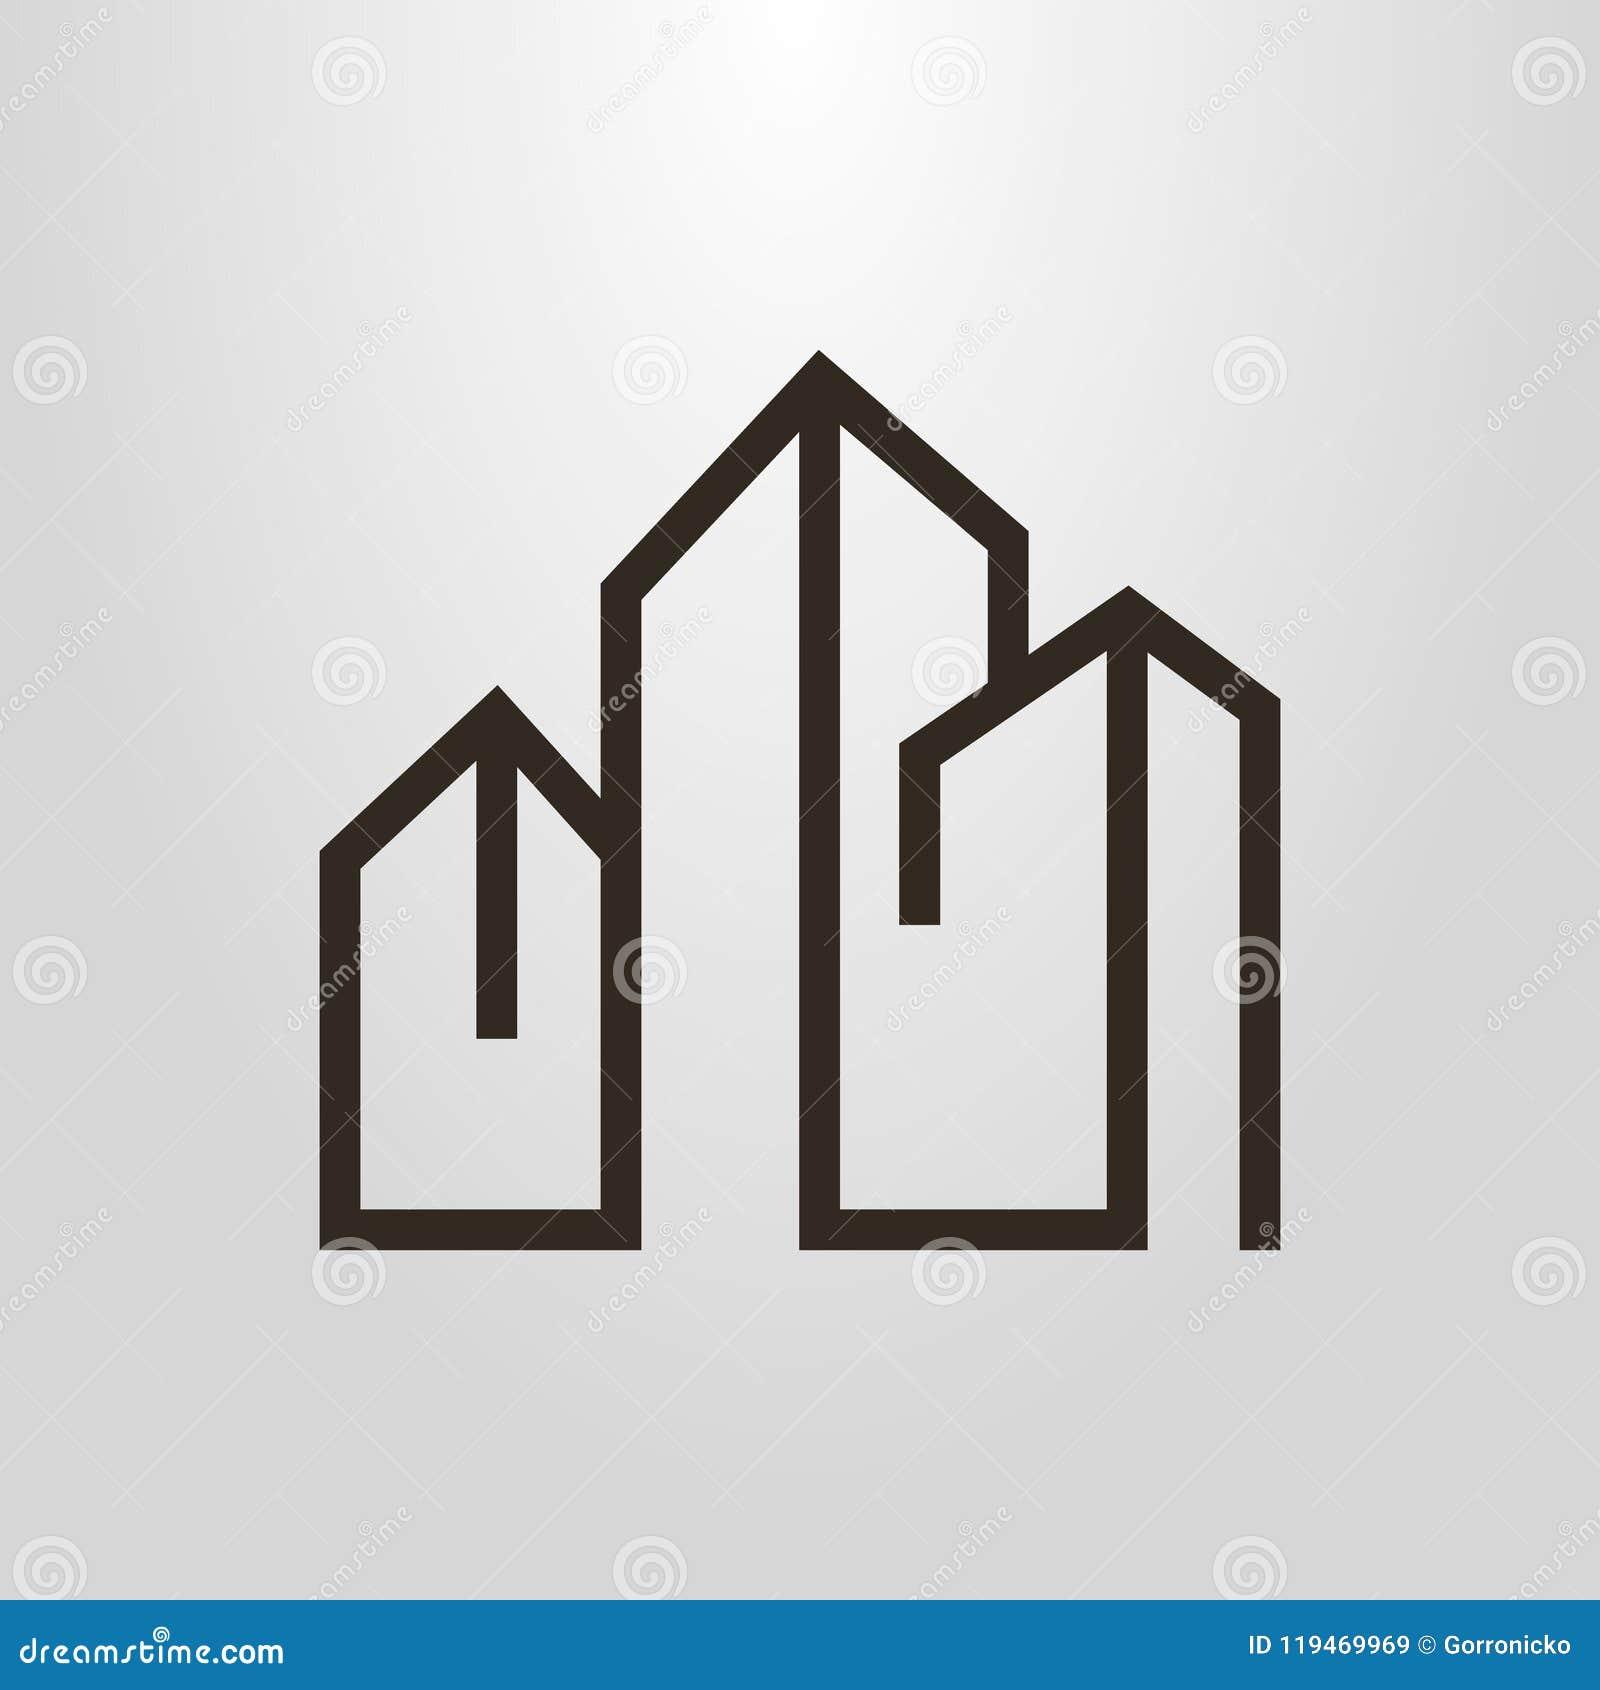 Prosty wektorowy kreskowej sztuki geometryczny piktogram trzy wieżowa